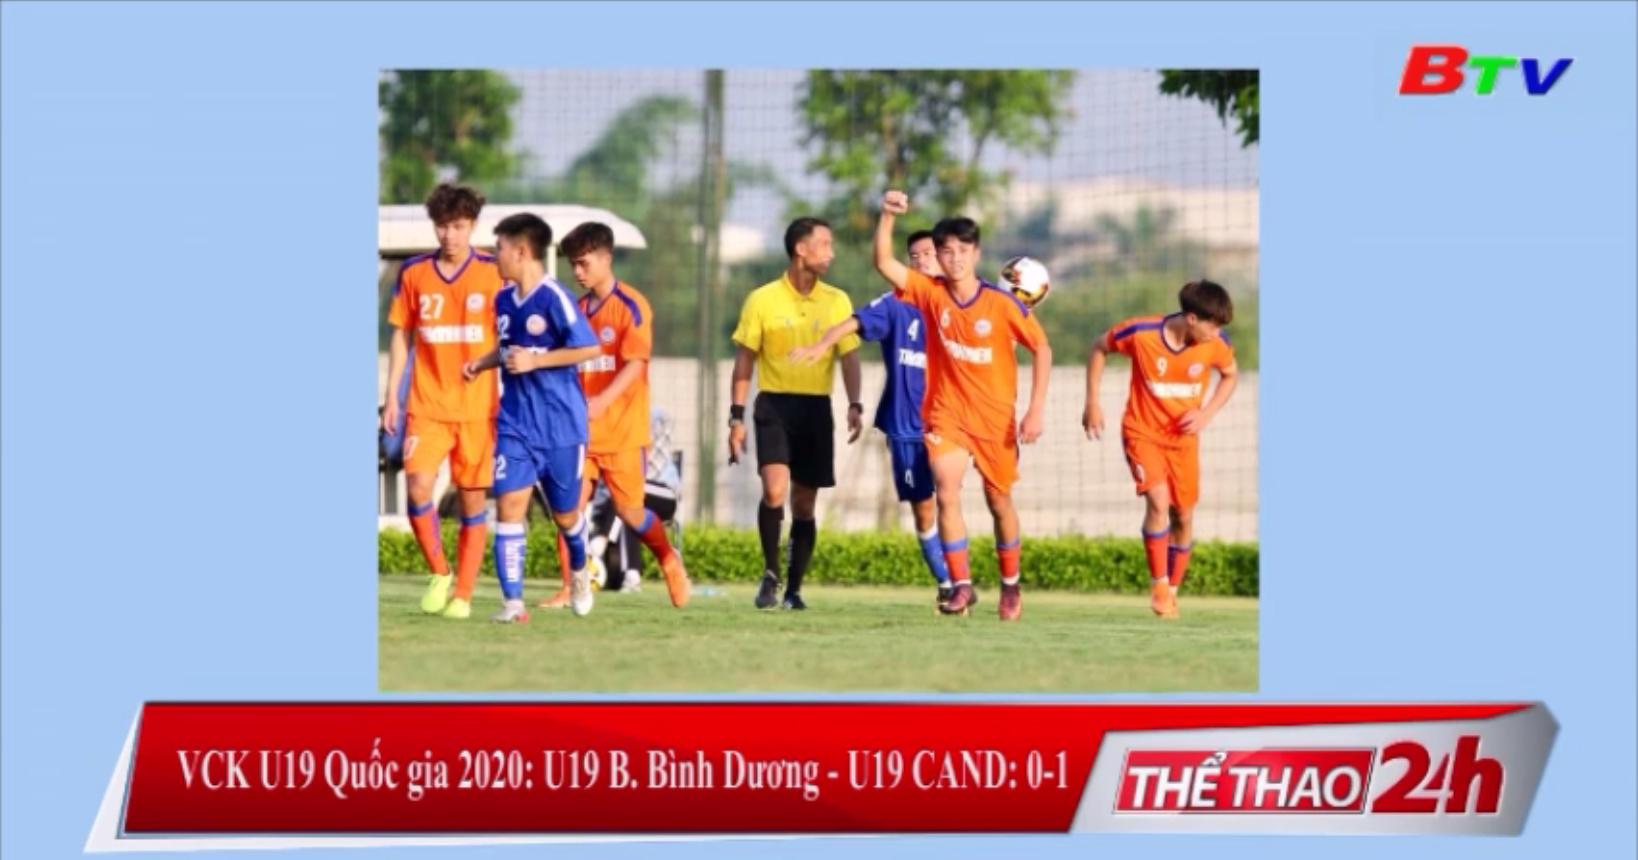 VCK U19 Quốc gia 2020 – U19 B.Bình Dương 0-1 U19 CAND